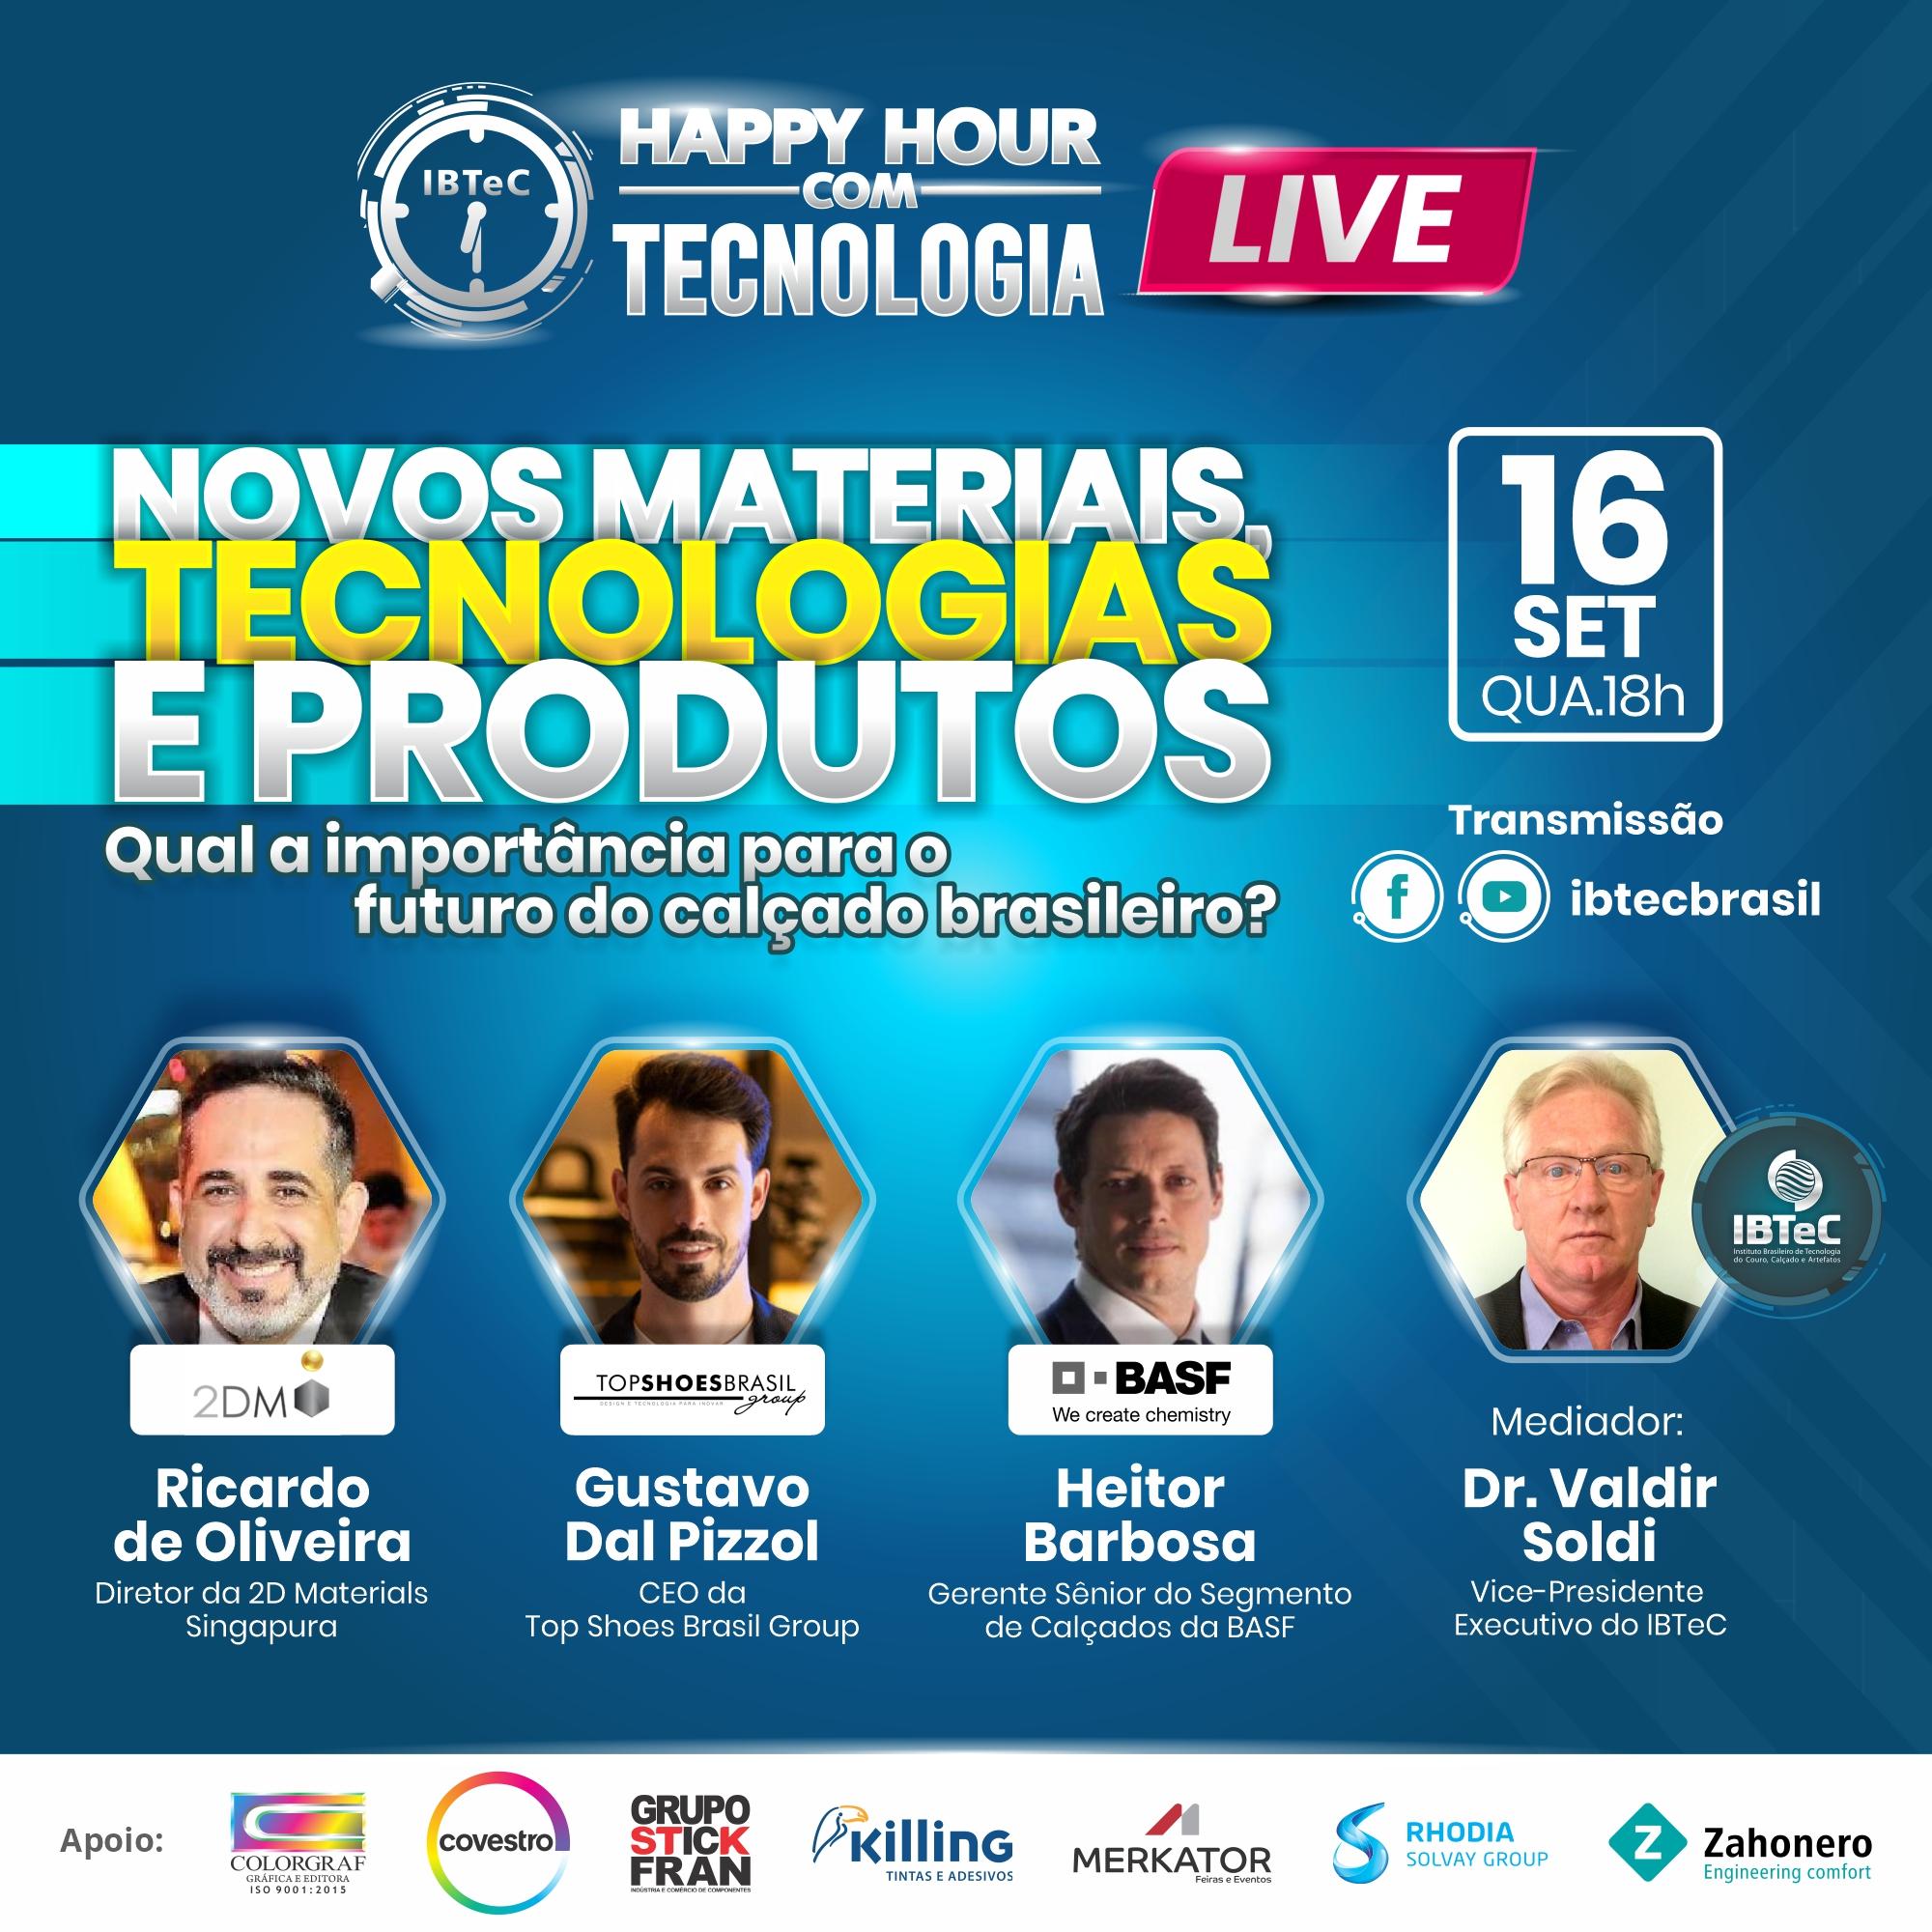 LIVE! Novos materiais, tecnologias e produtos: Qual a importância para o futuro do calçado brasileiro?